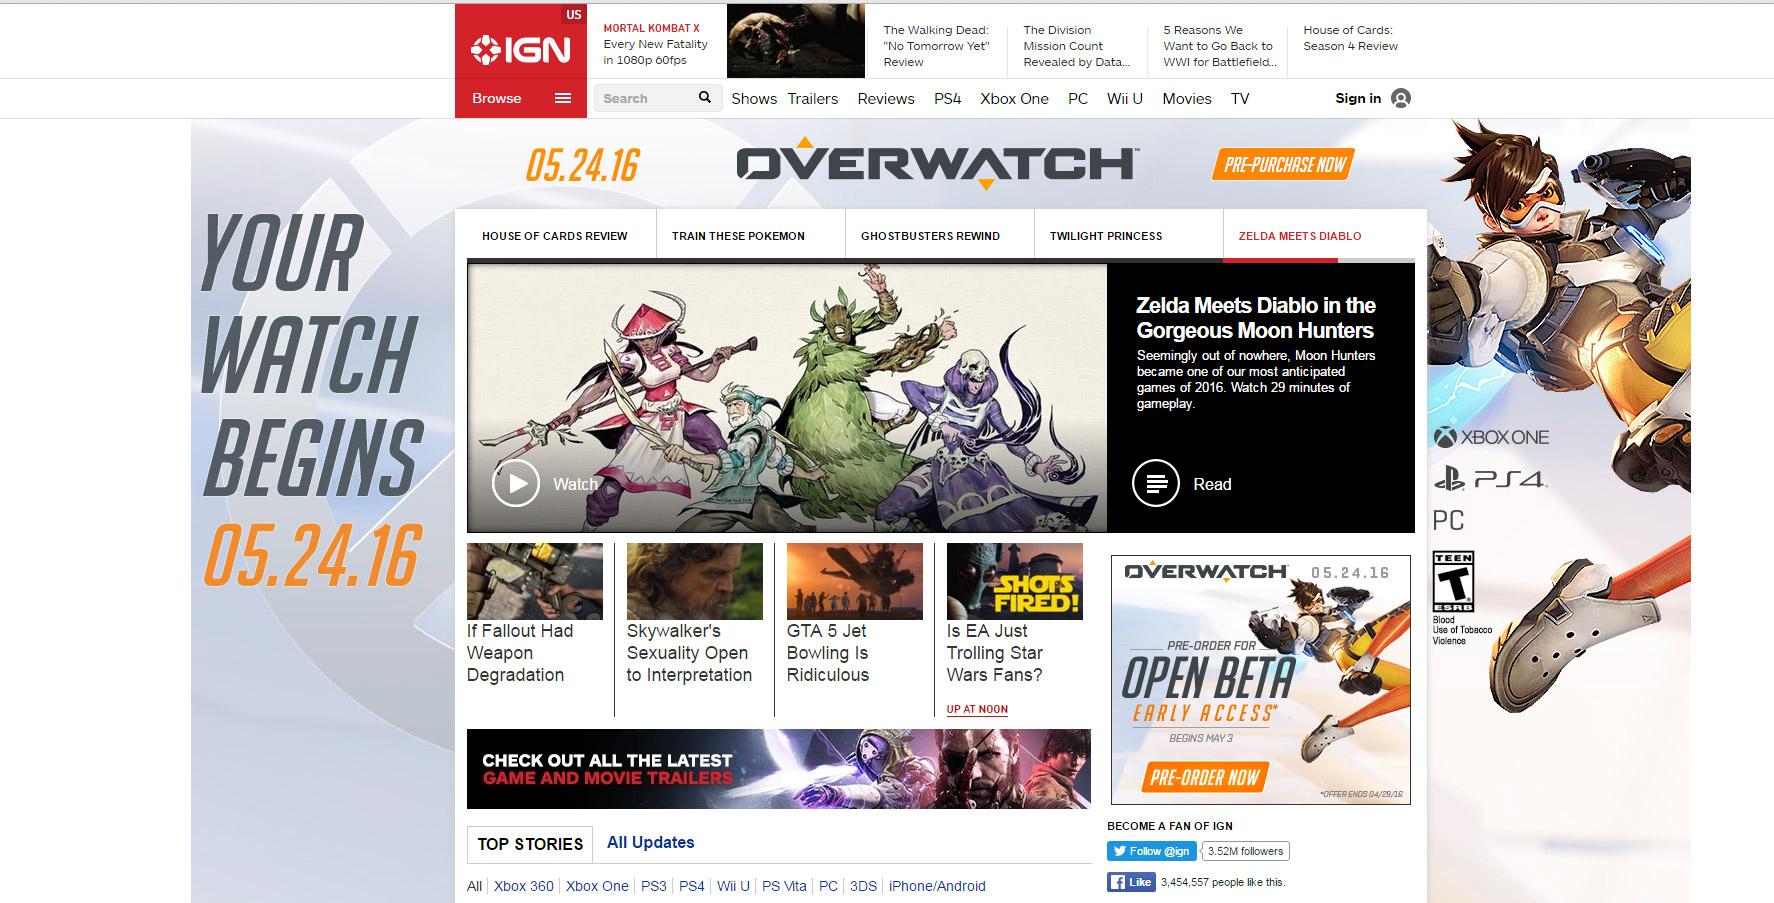 Capture d'écran de la publicité Overwatch sur le site IGN !